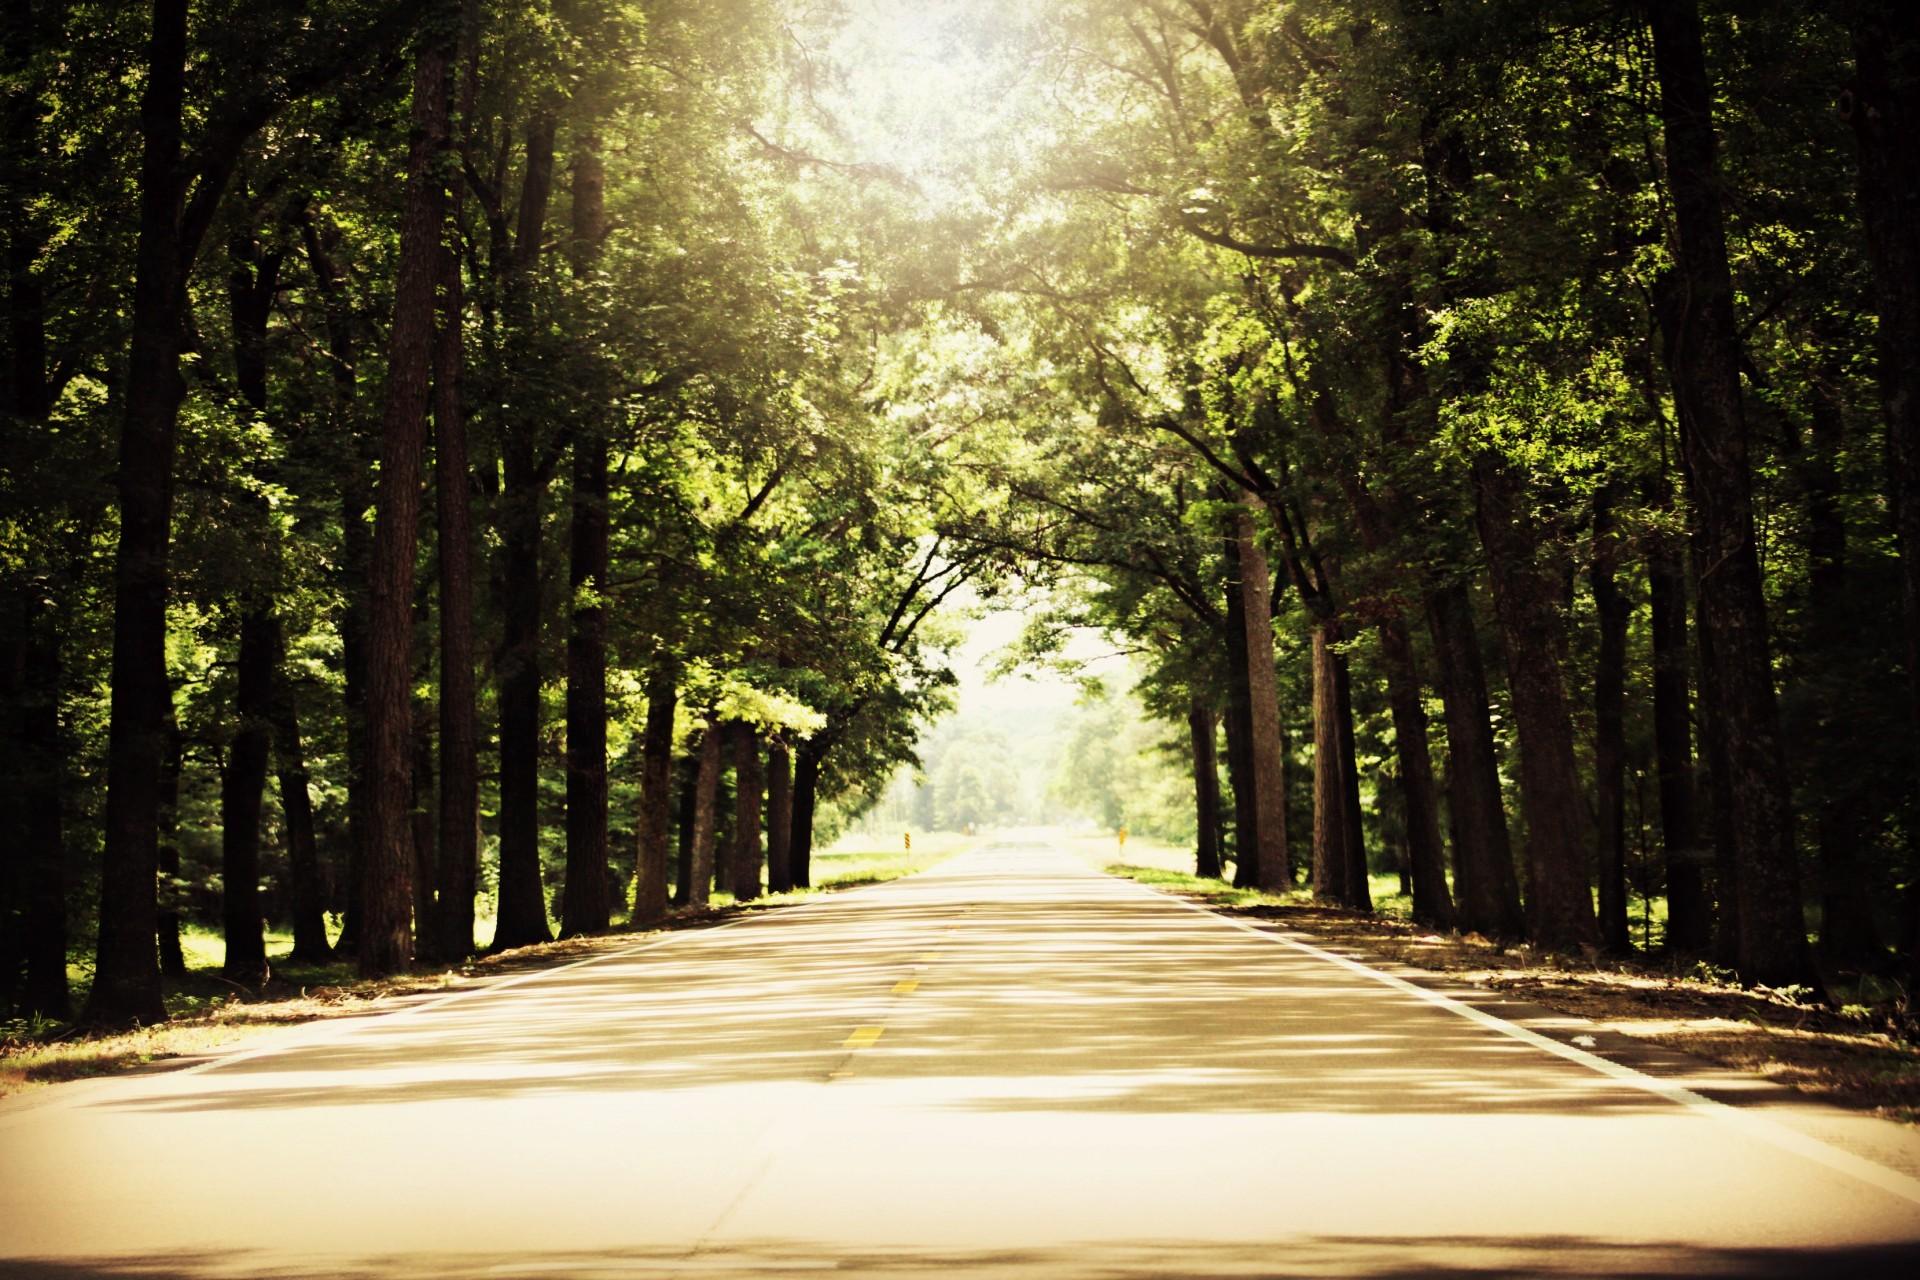 Sunny Road